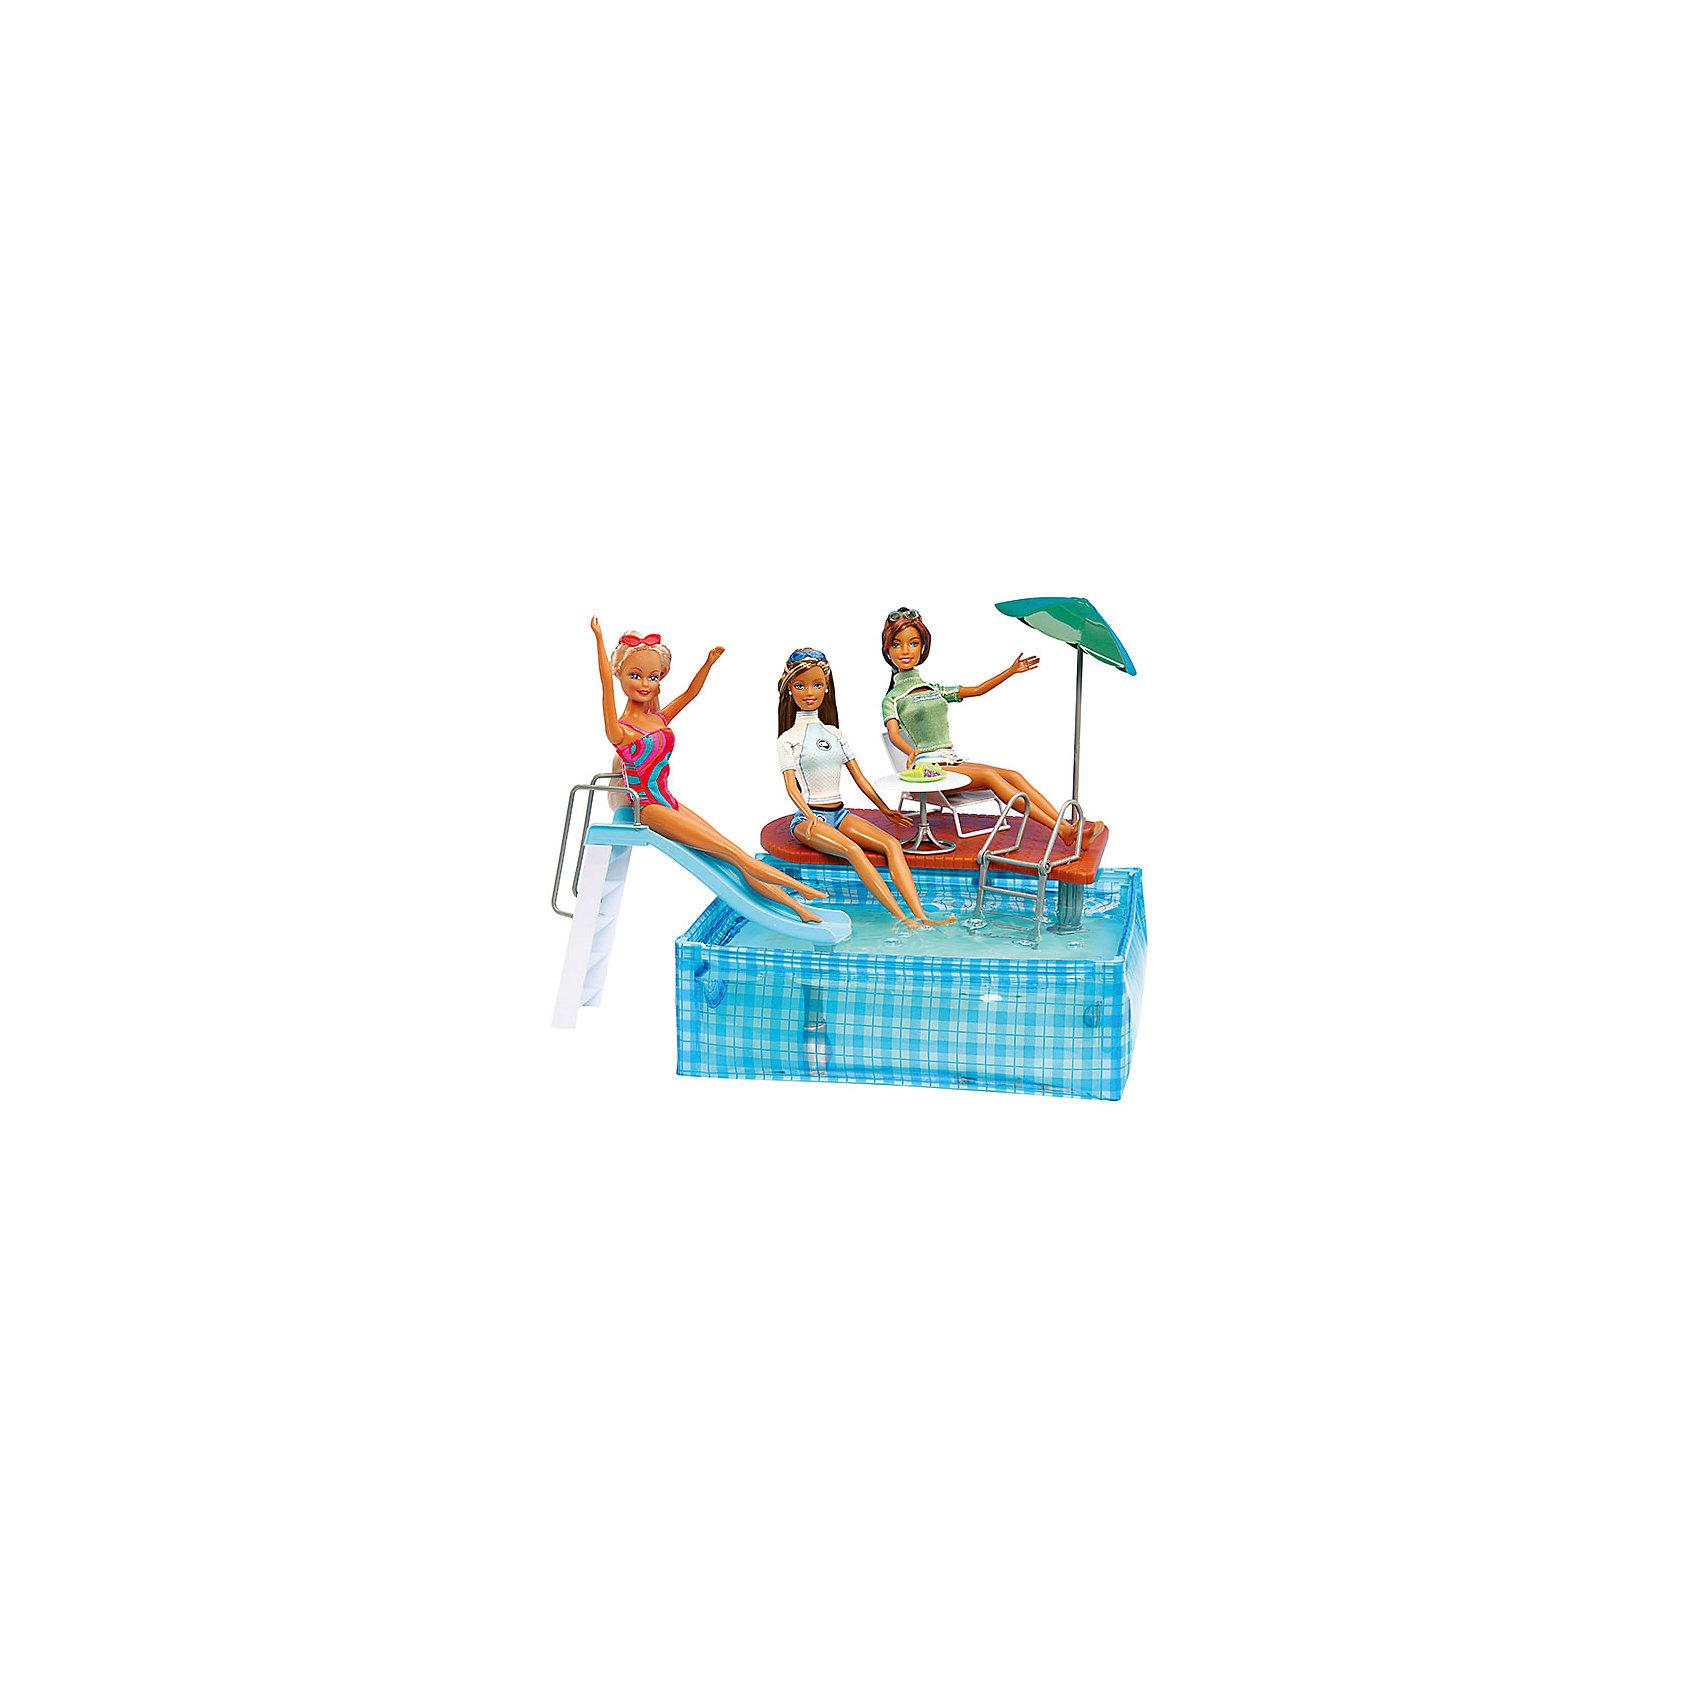 Набор мебели для кукол Вечеринка в бассейне, DollyToyДомики и мебель<br><br><br>Ширина мм: 300<br>Глубина мм: 210<br>Высота мм: 60<br>Вес г: 440<br>Возраст от месяцев: 36<br>Возраст до месяцев: 72<br>Пол: Женский<br>Возраст: Детский<br>SKU: 5581278